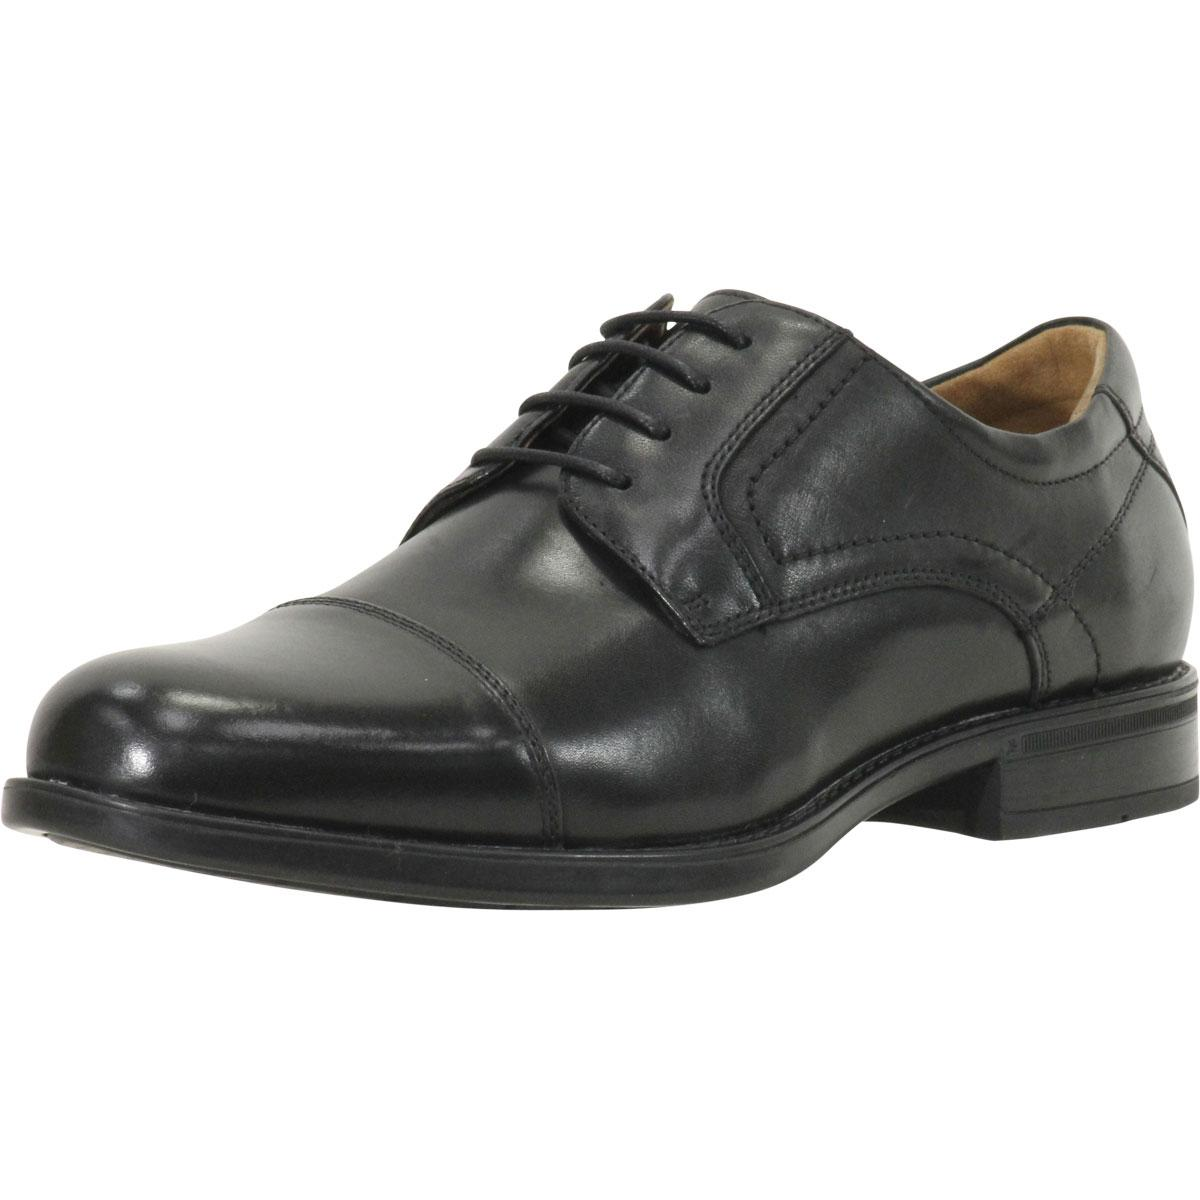 Image of Florsheim Comfortech Men's Midtown Cap Toe Oxfords Shoes - Black - 8.5 D(M) US